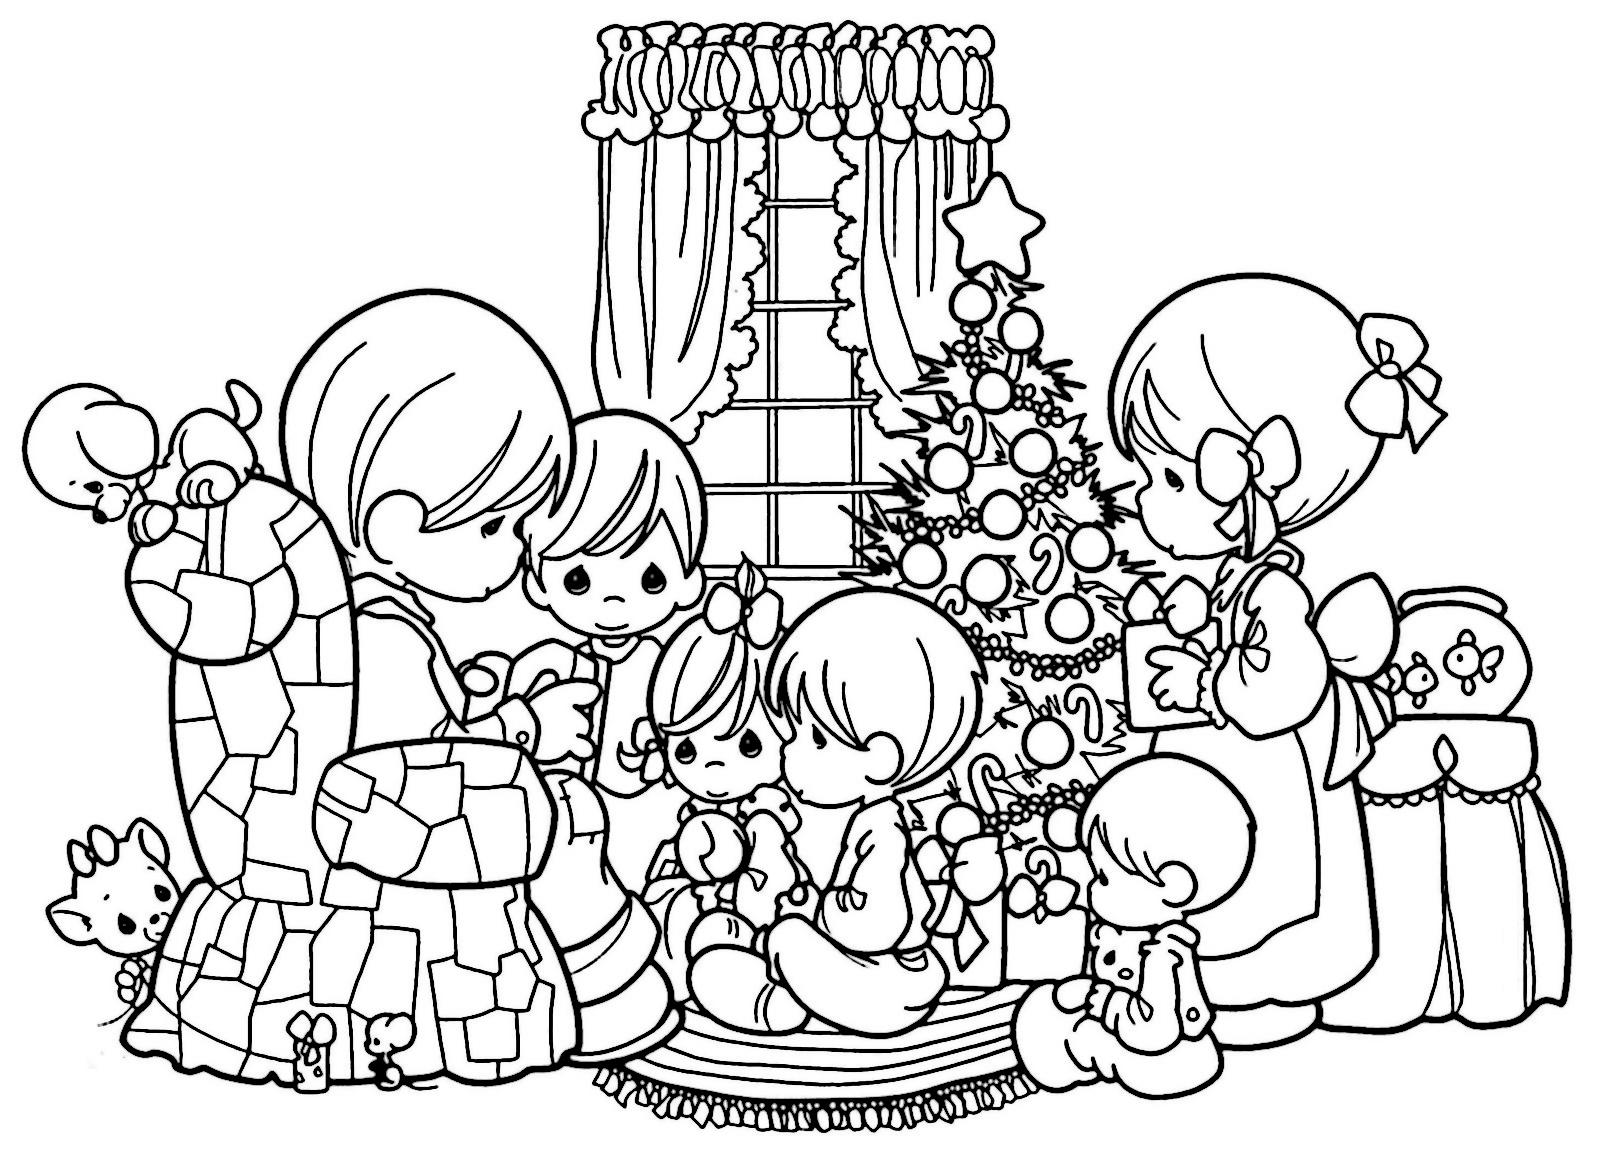 Dibujos De Navidad Para Colorear, Imágenes Navidad Para